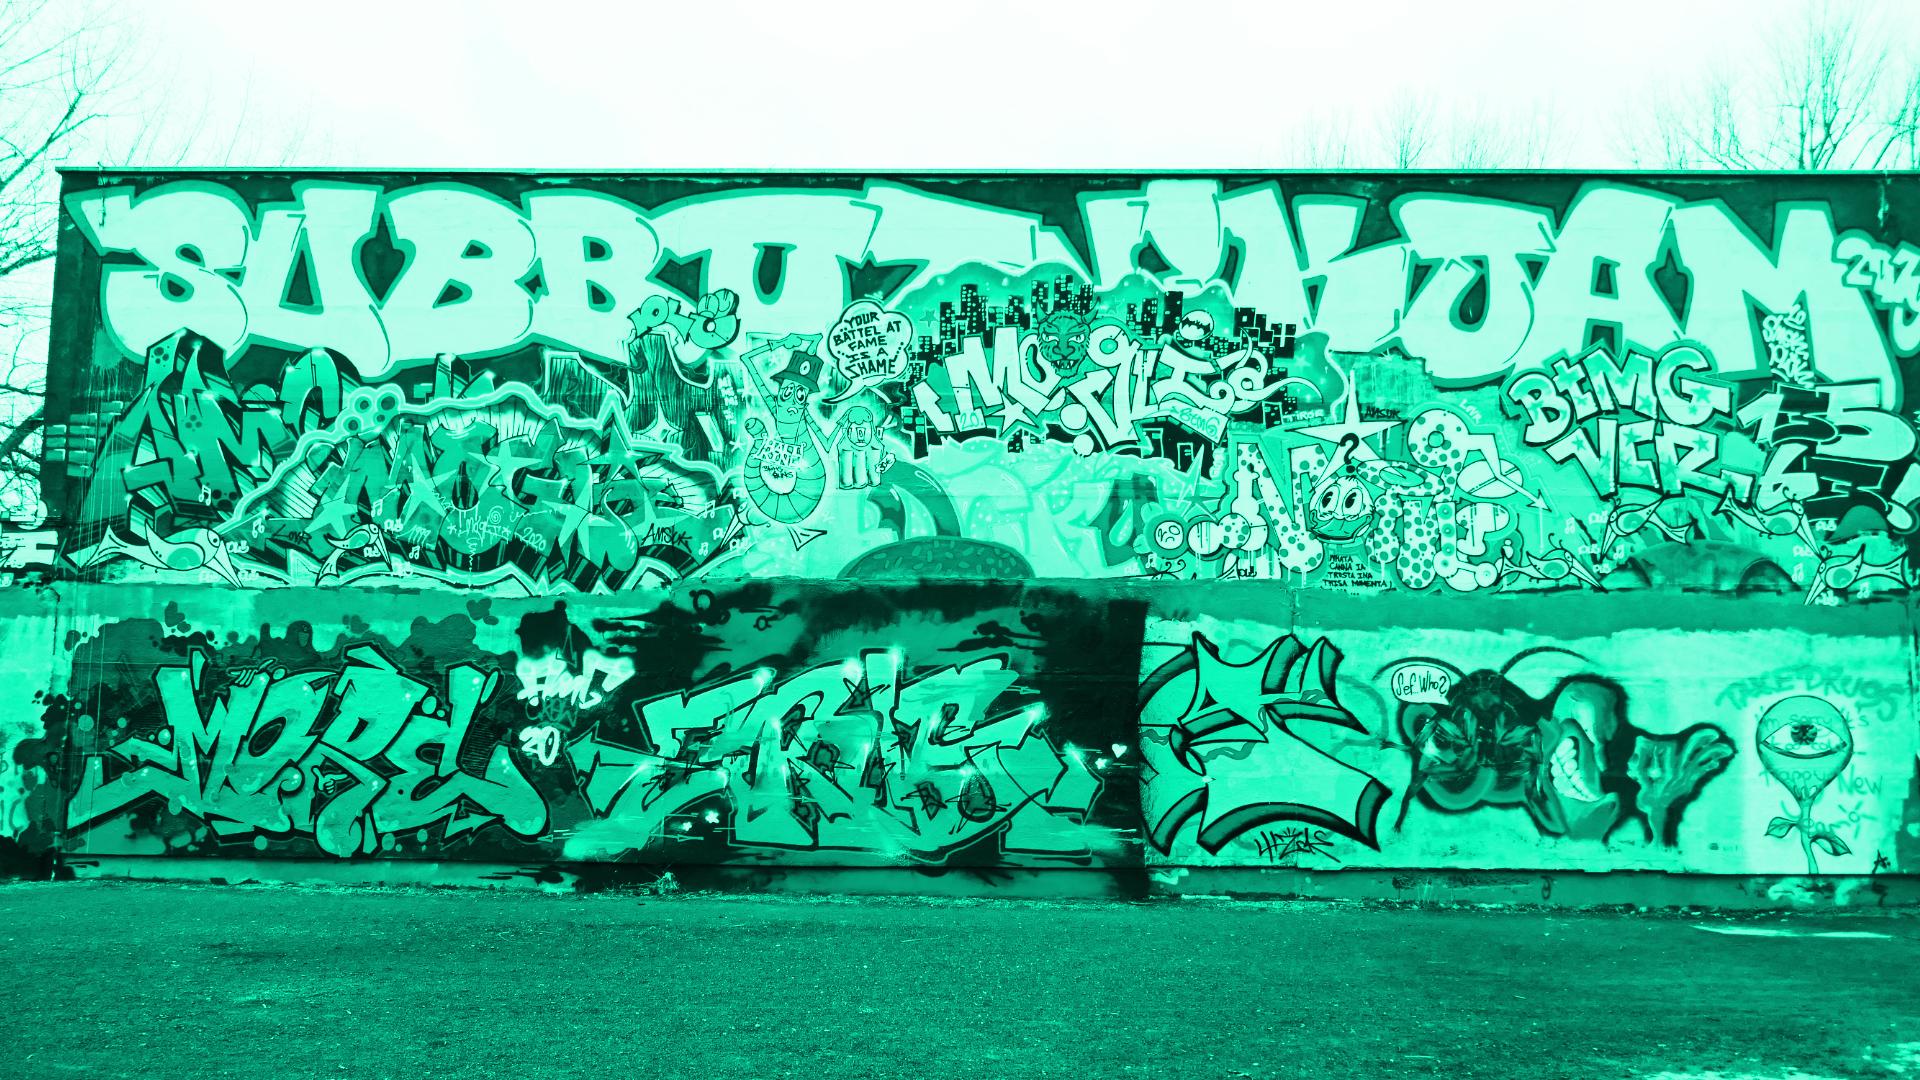 Von trist und eintönig, zu kreativ und farbenfroh – Die Urban Art Szene in Erfurt